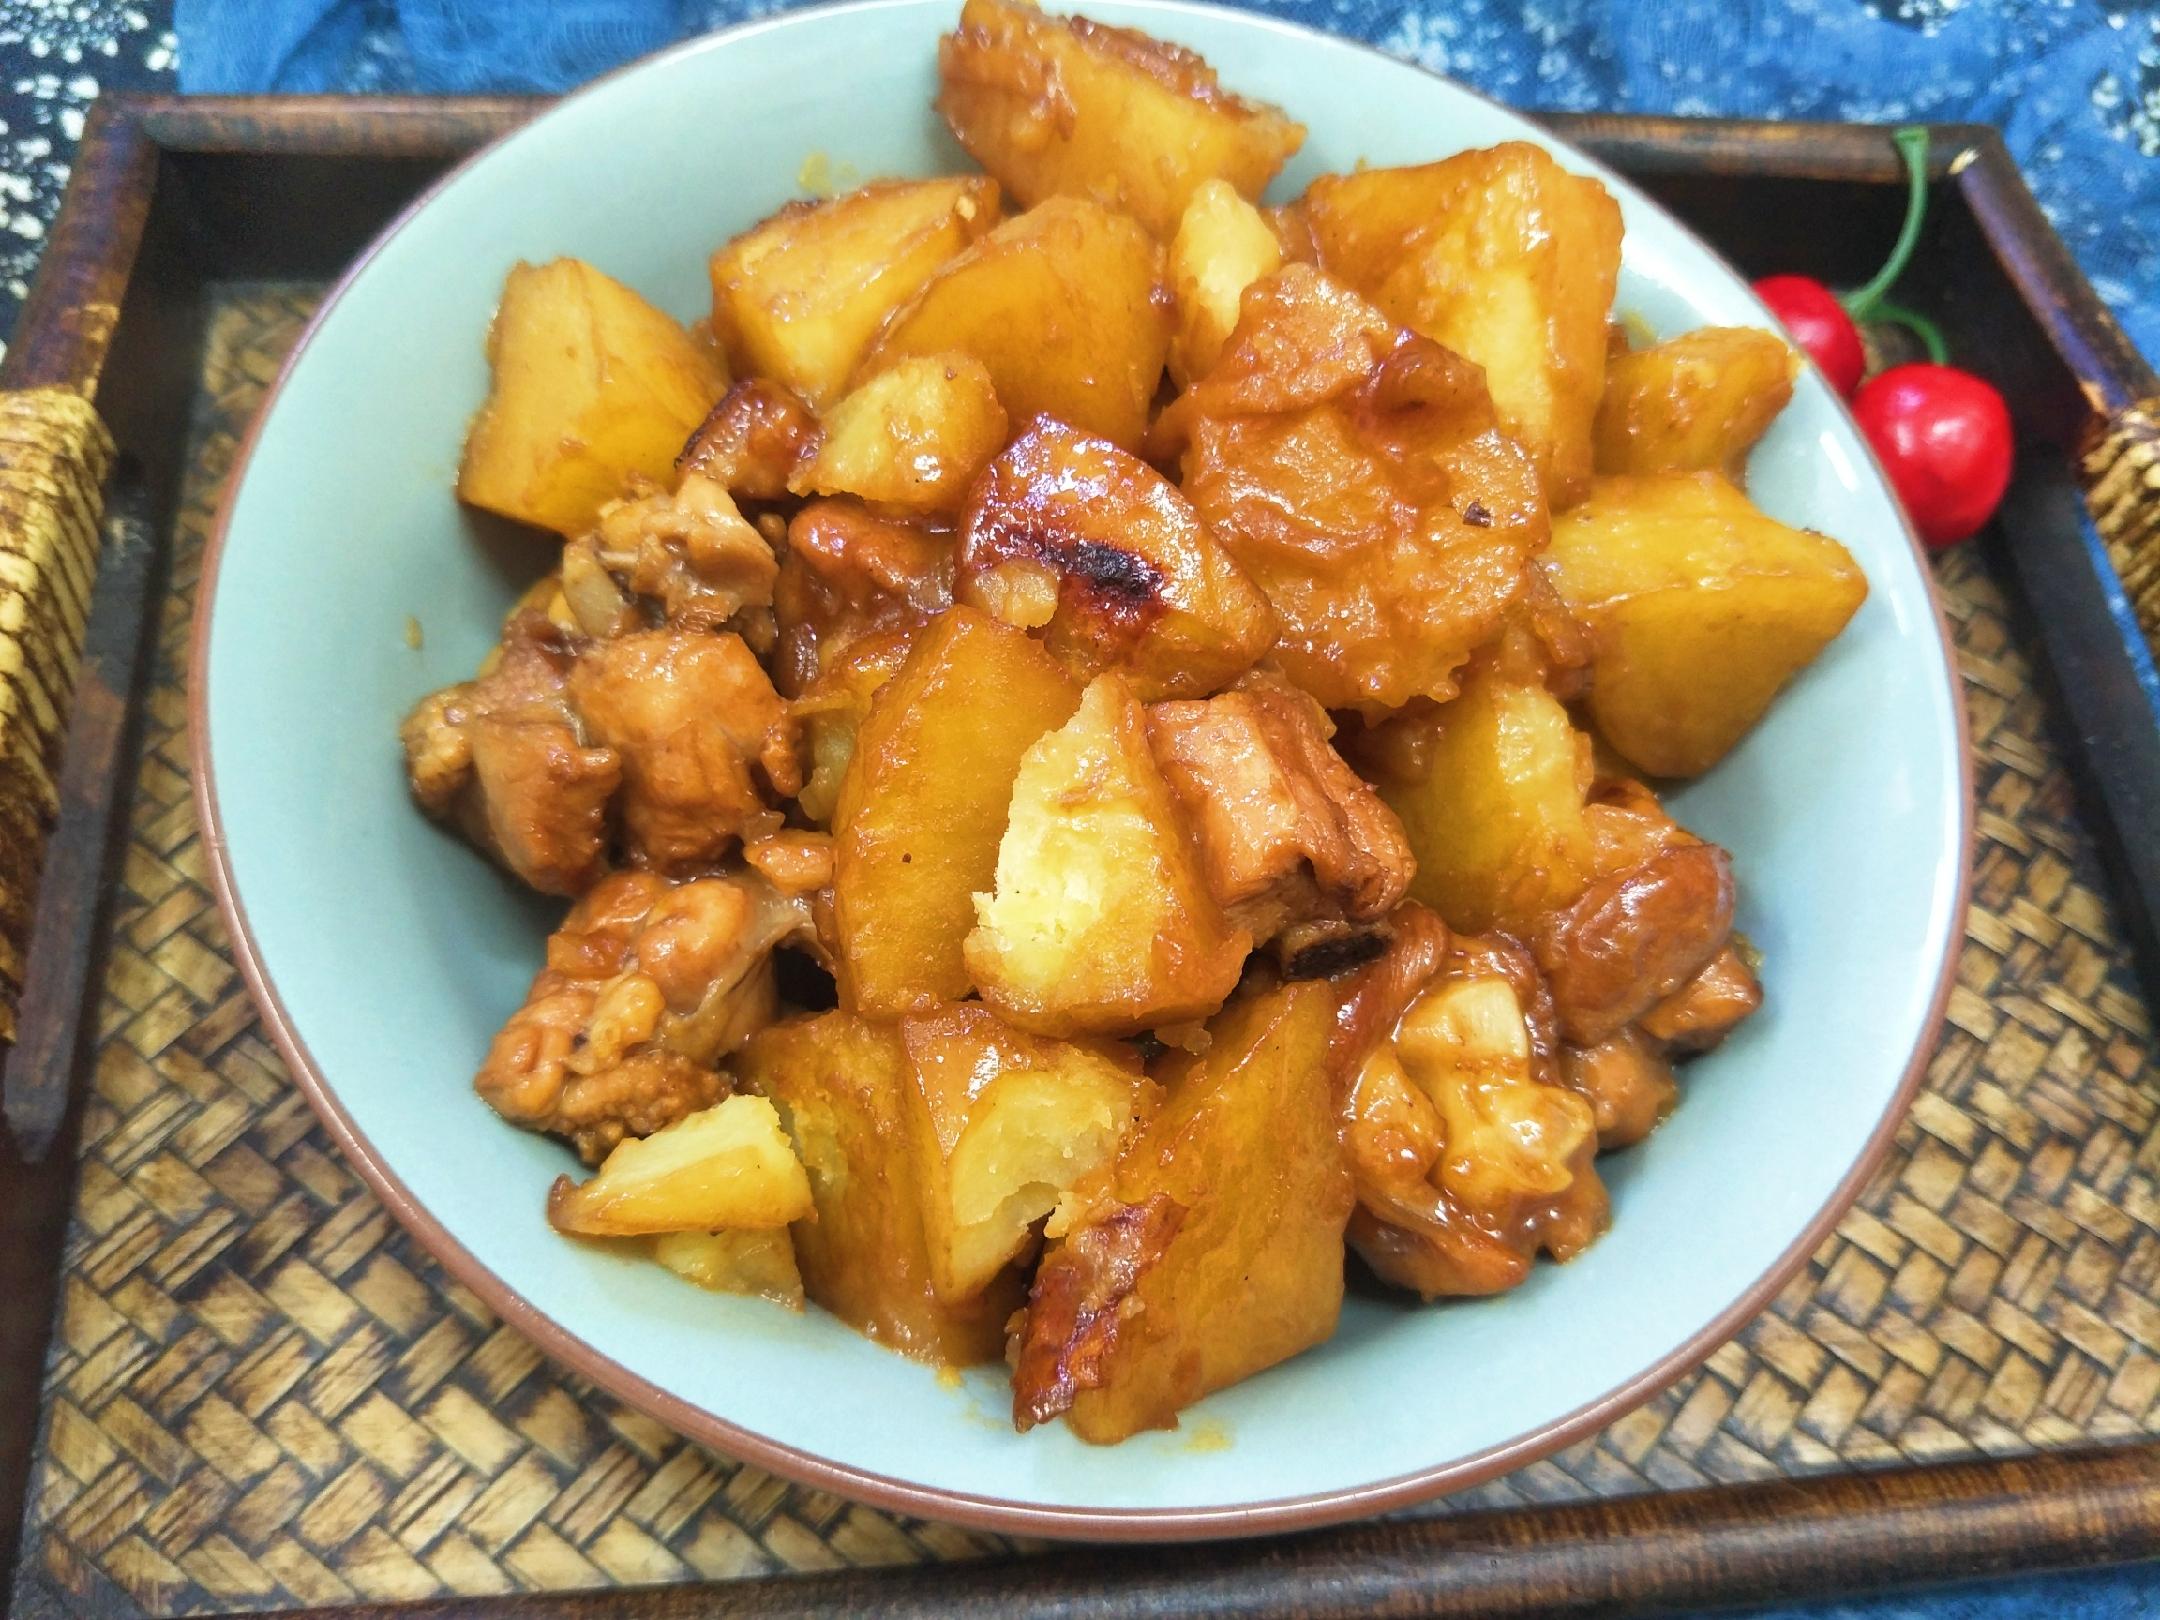 """土豆炖鸡时,放""""2味3料"""",出锅土豆绵软,鸡肉入味嫩香 美食做法 第1张"""